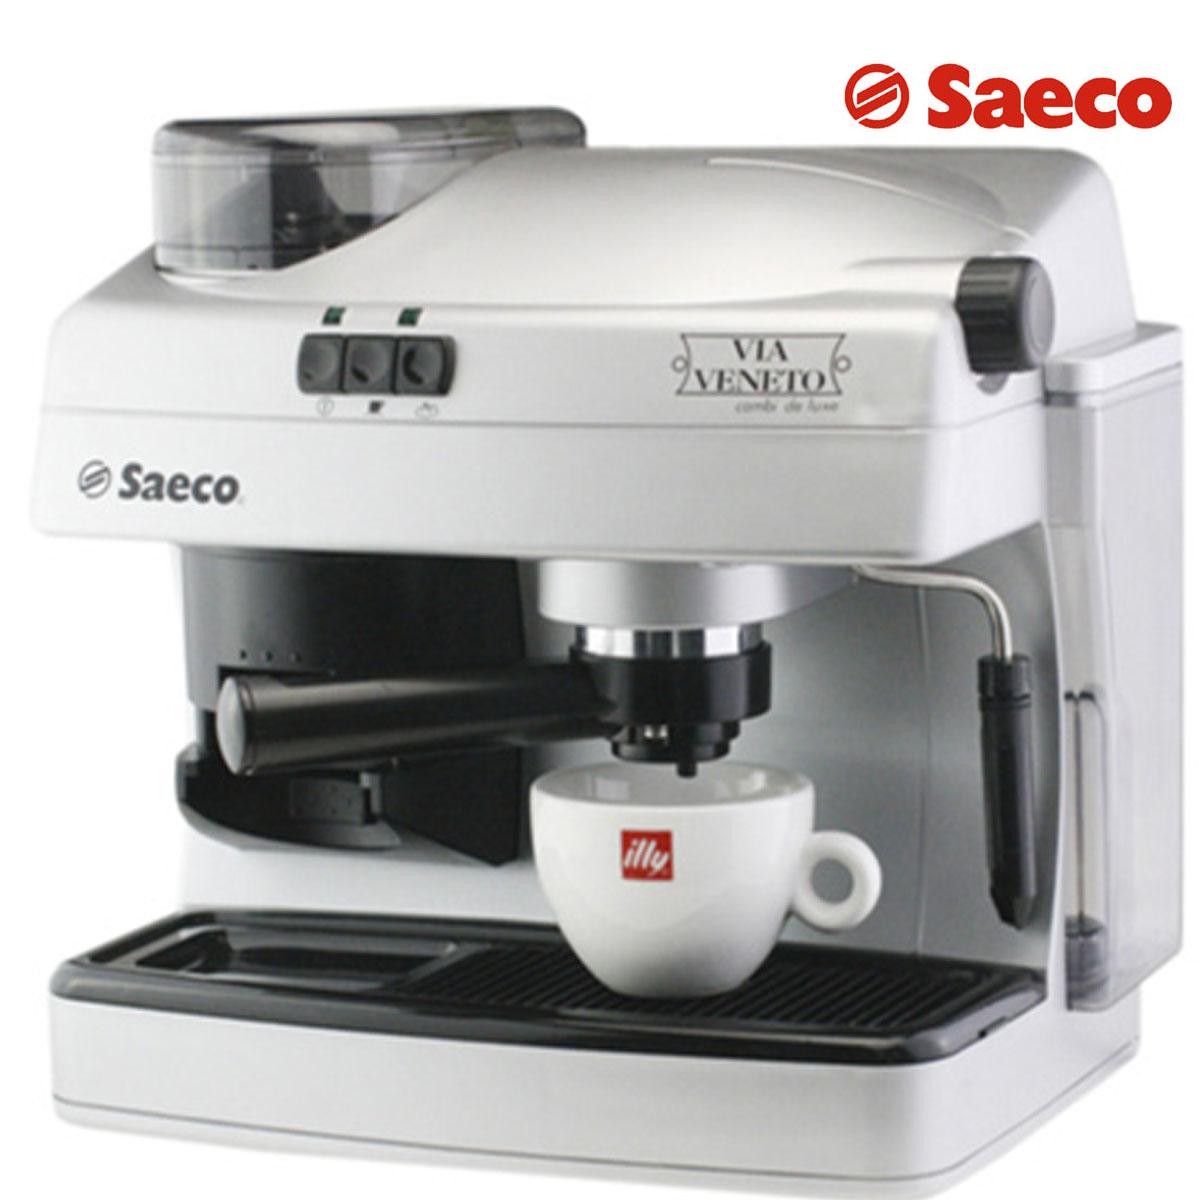 Ремонт кофемашины saeco via veneto своими руками